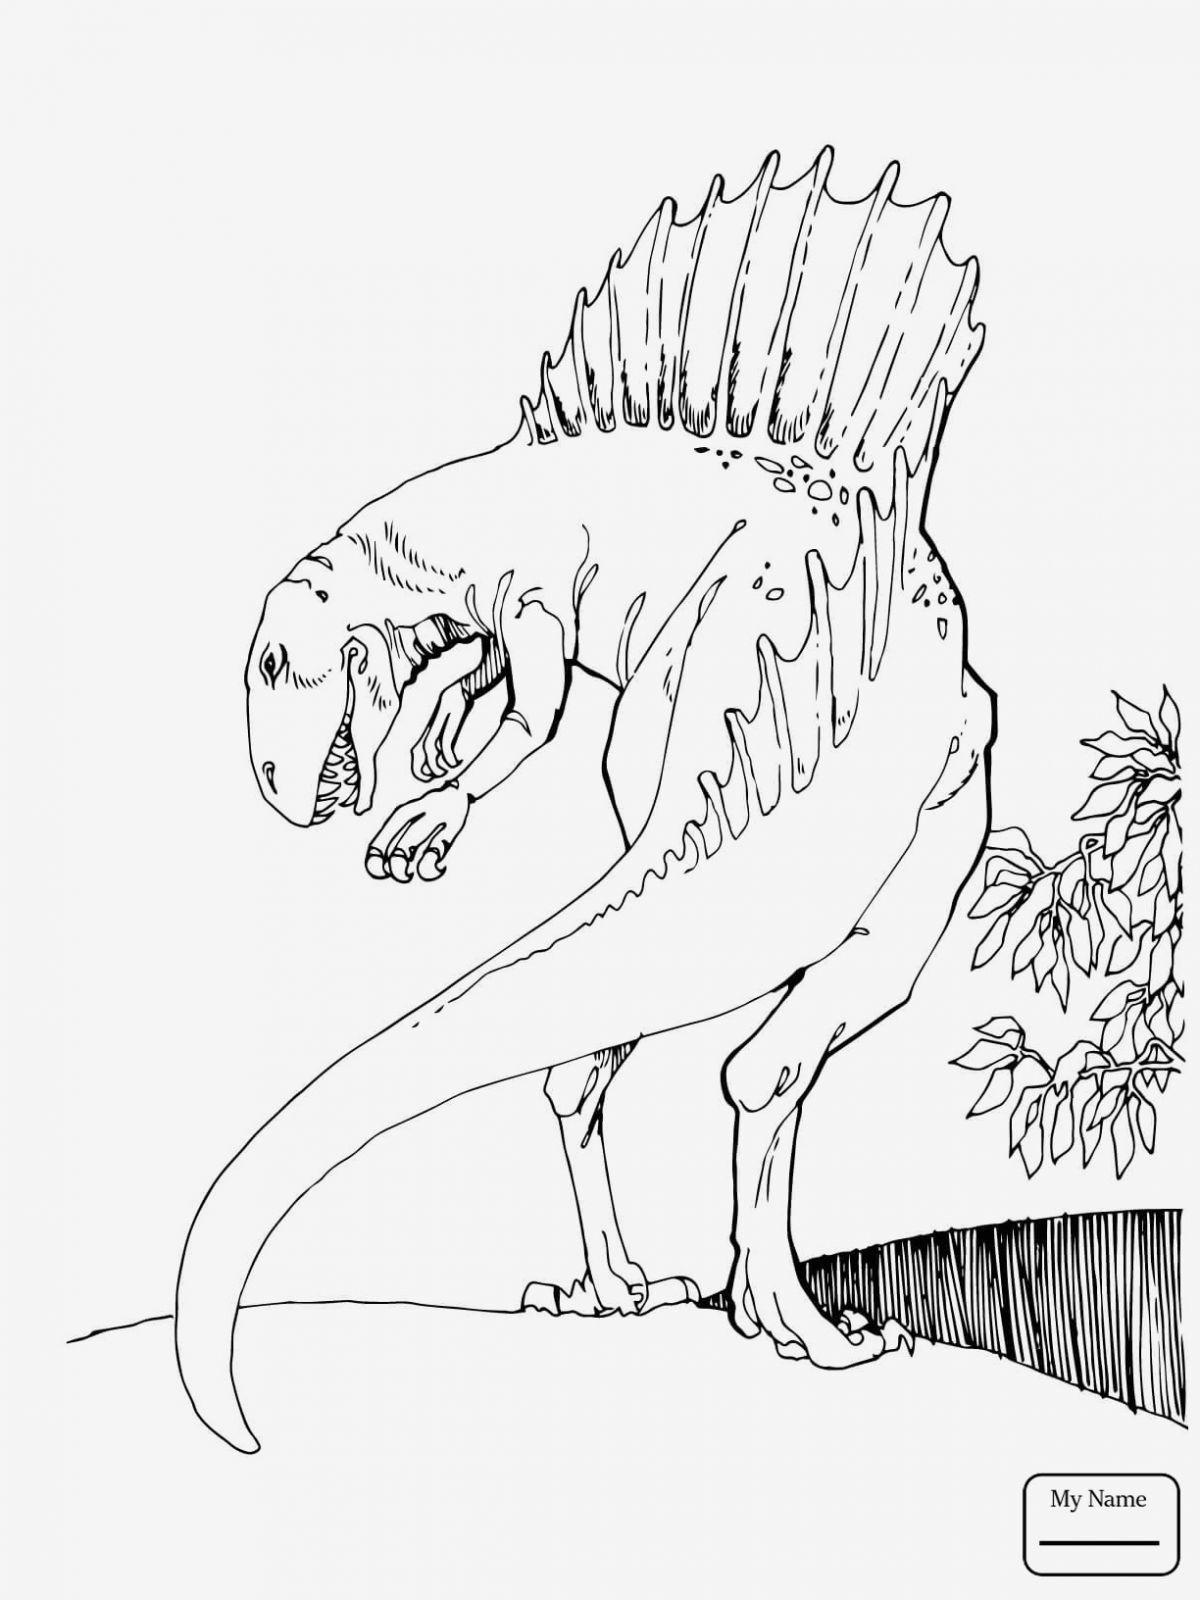 Ausmalbilder Dinosaurier Rex Neu Ausmalbilder T Rex New Spannende Coloring Bilder T Rex Malvorlagen Bild